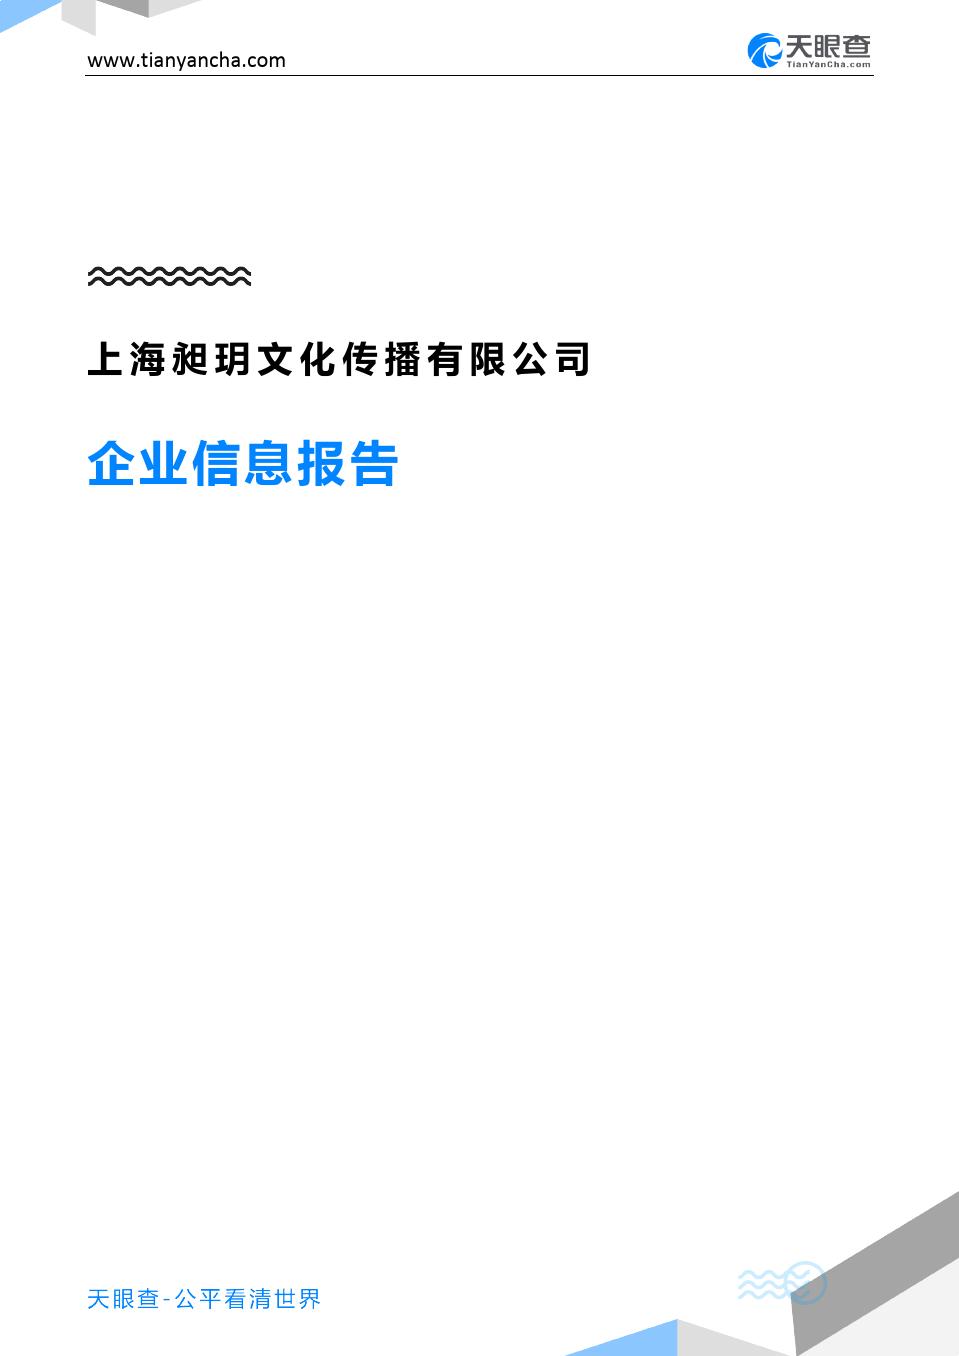 上海昶�h文化传播有限公司企业信息报告-天眼查